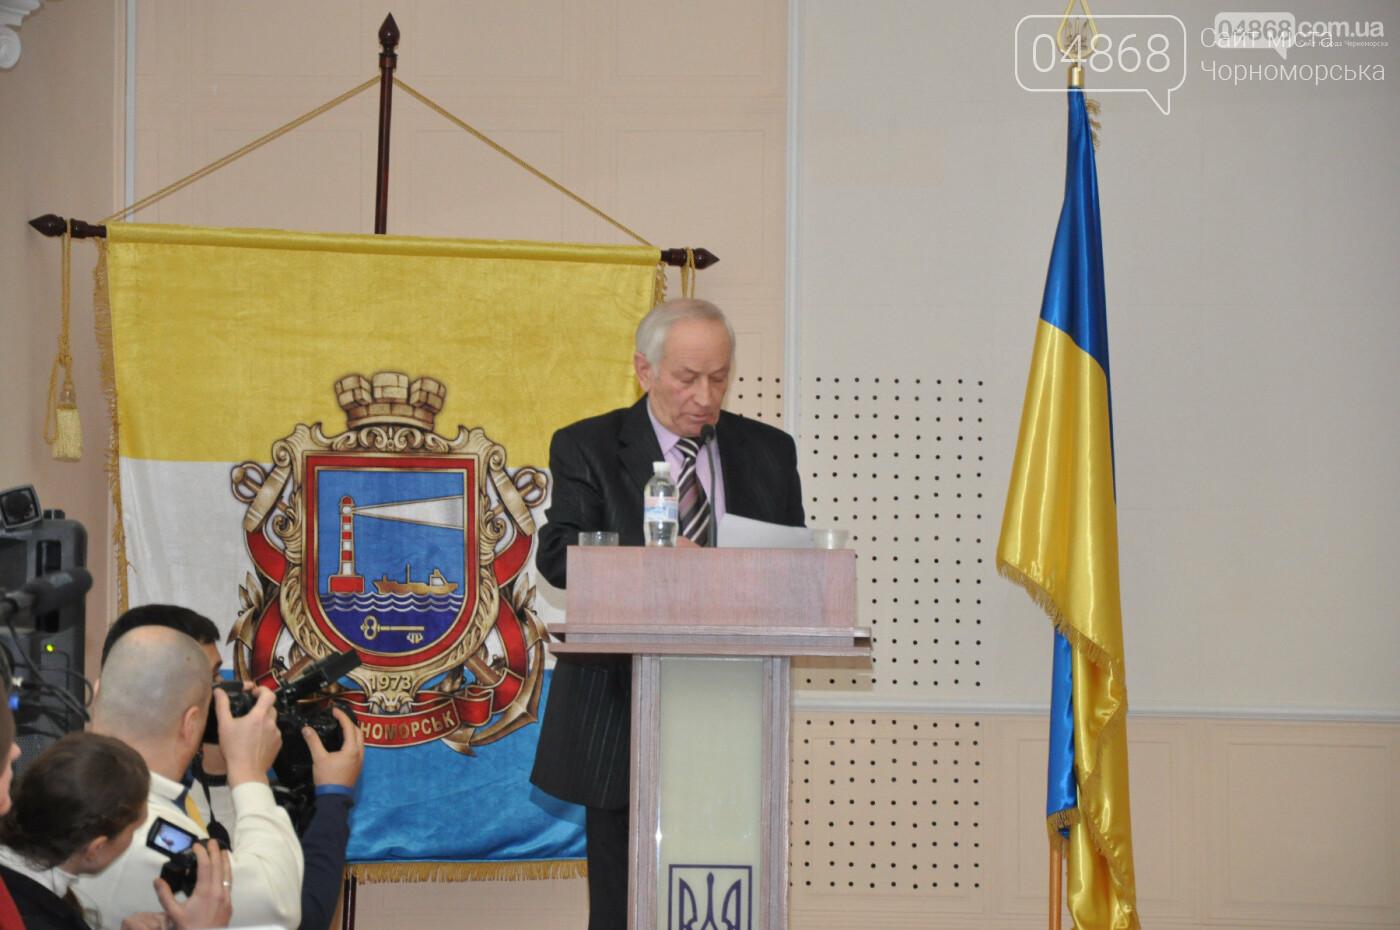 Бунт на корабле, или что произошло на сессии городского совета в Черноморске?, фото-3